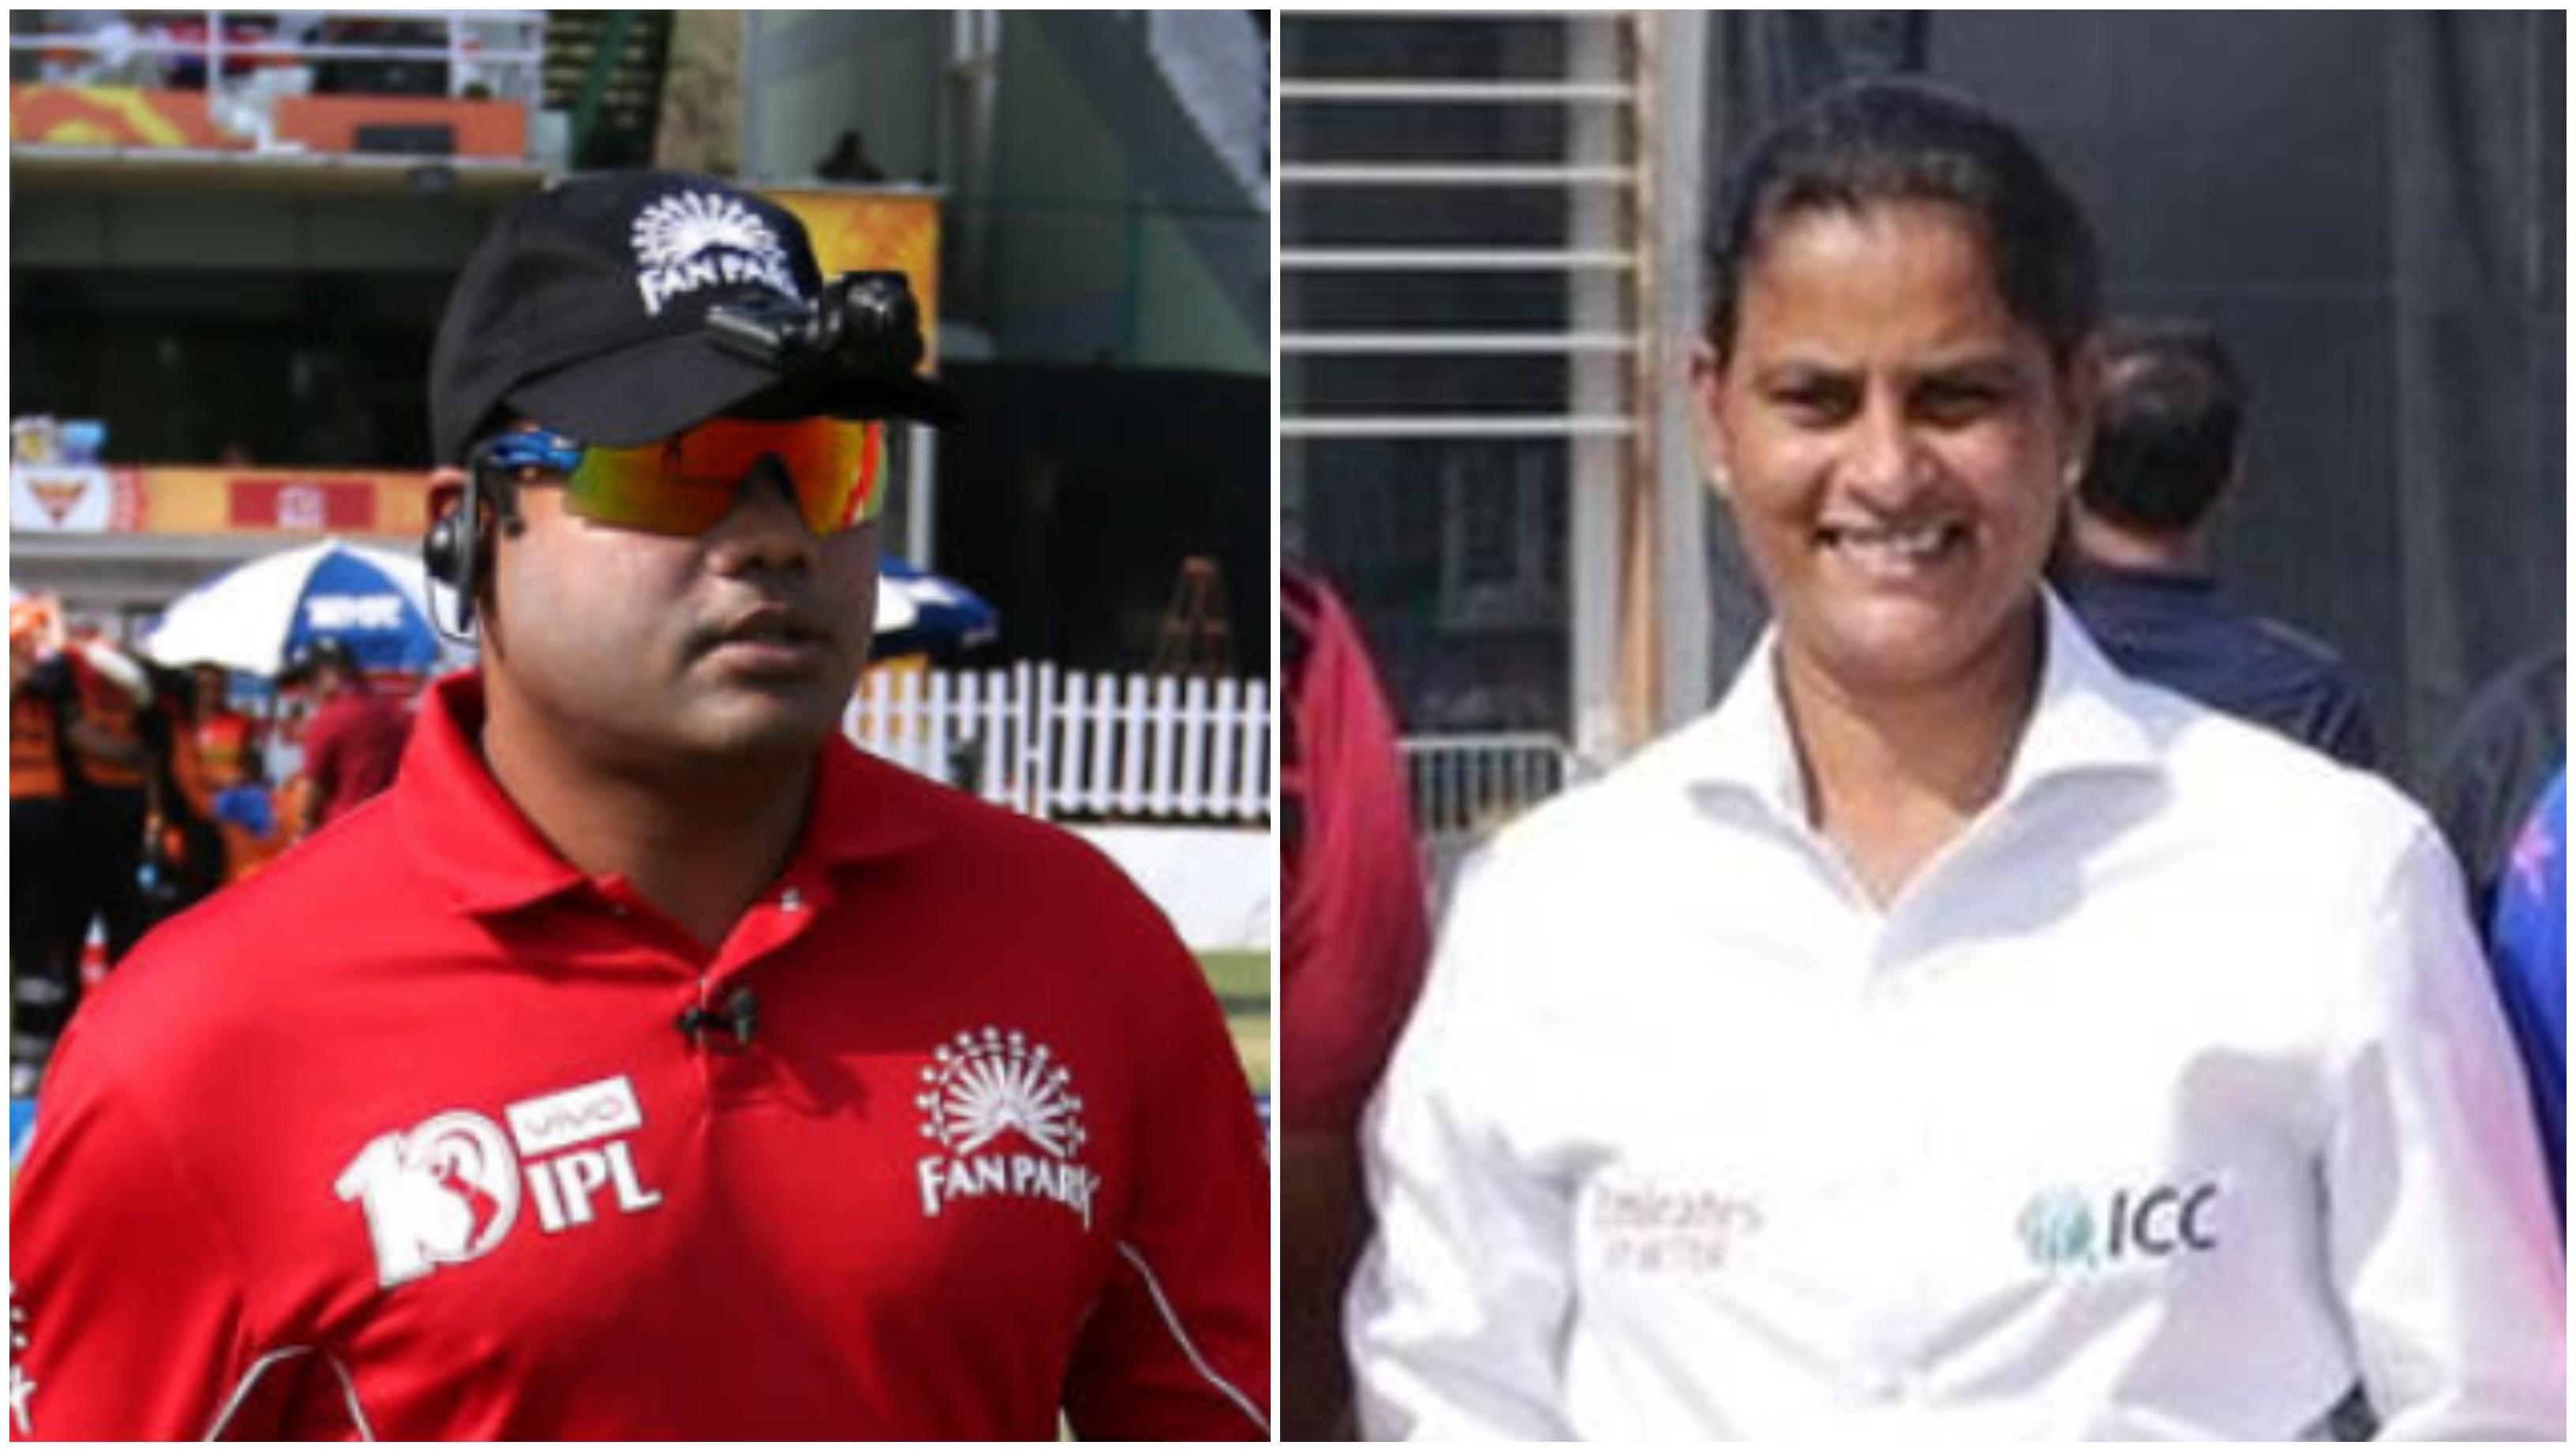 महिला टी-20 विश्वकप के लिए मैच अधिकारीयों की सूची में शामिल हुए भारत के नितिन मेनन और जीएस लक्ष्मी